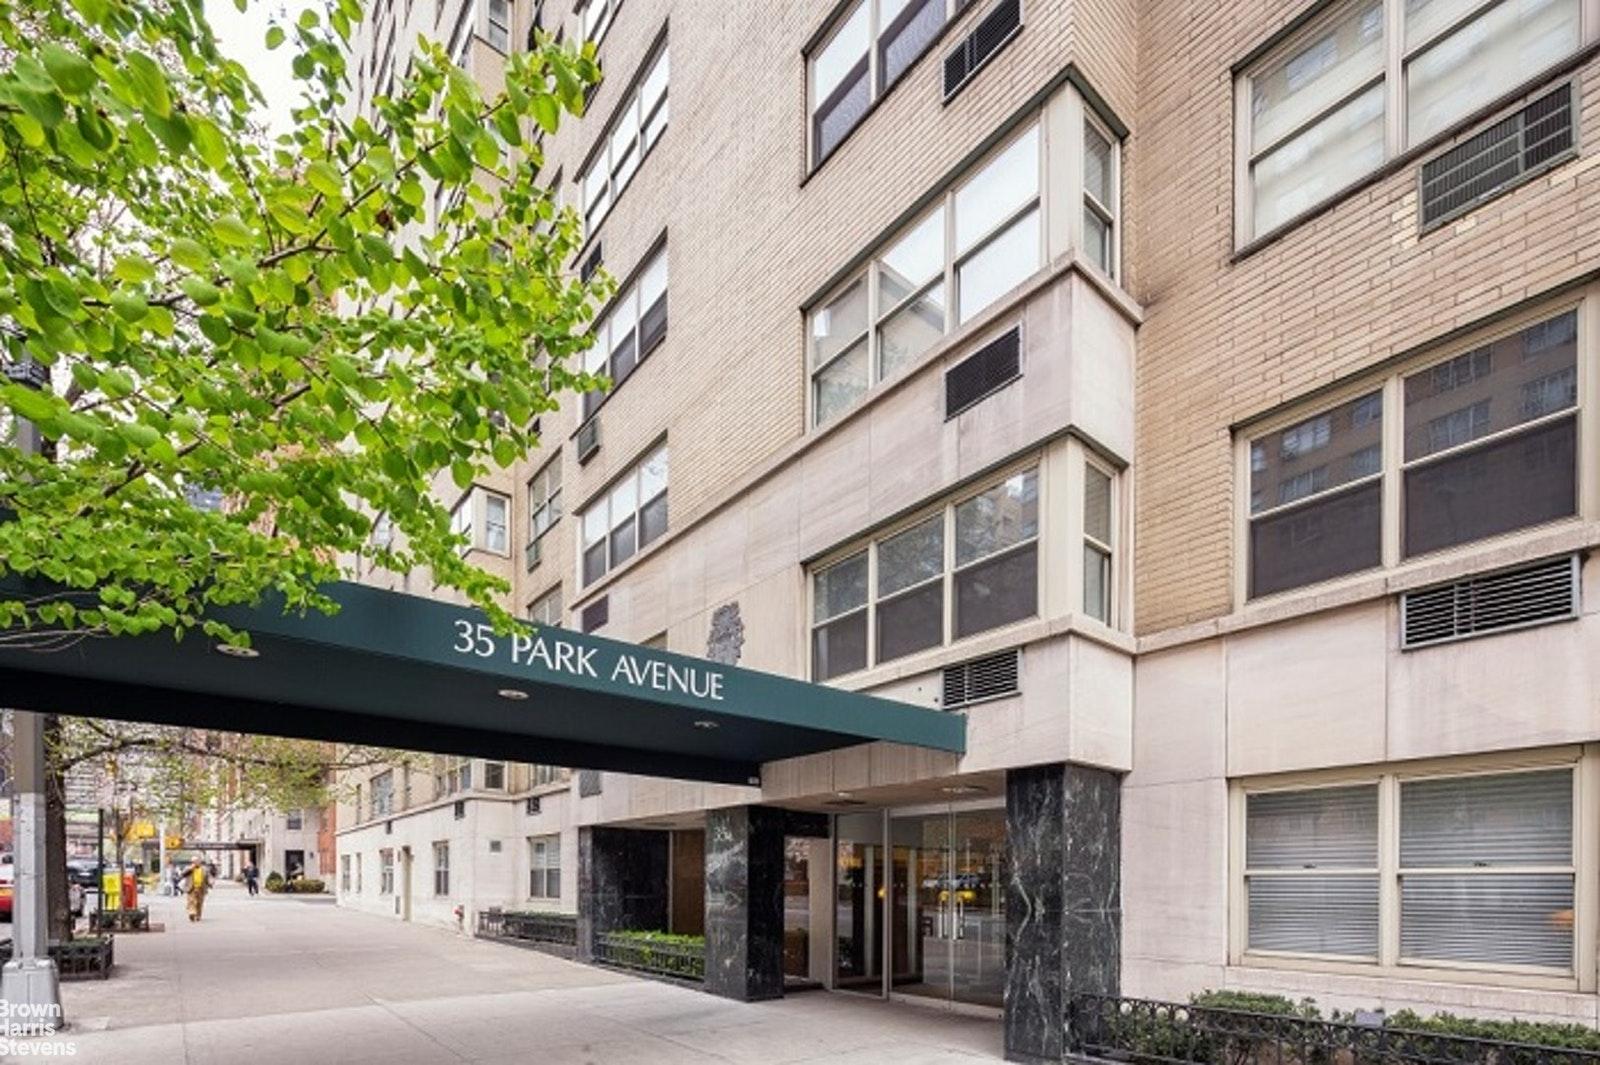 35 PARK AVENUE, Midtown East, $1,150,000, Web #: 20602460